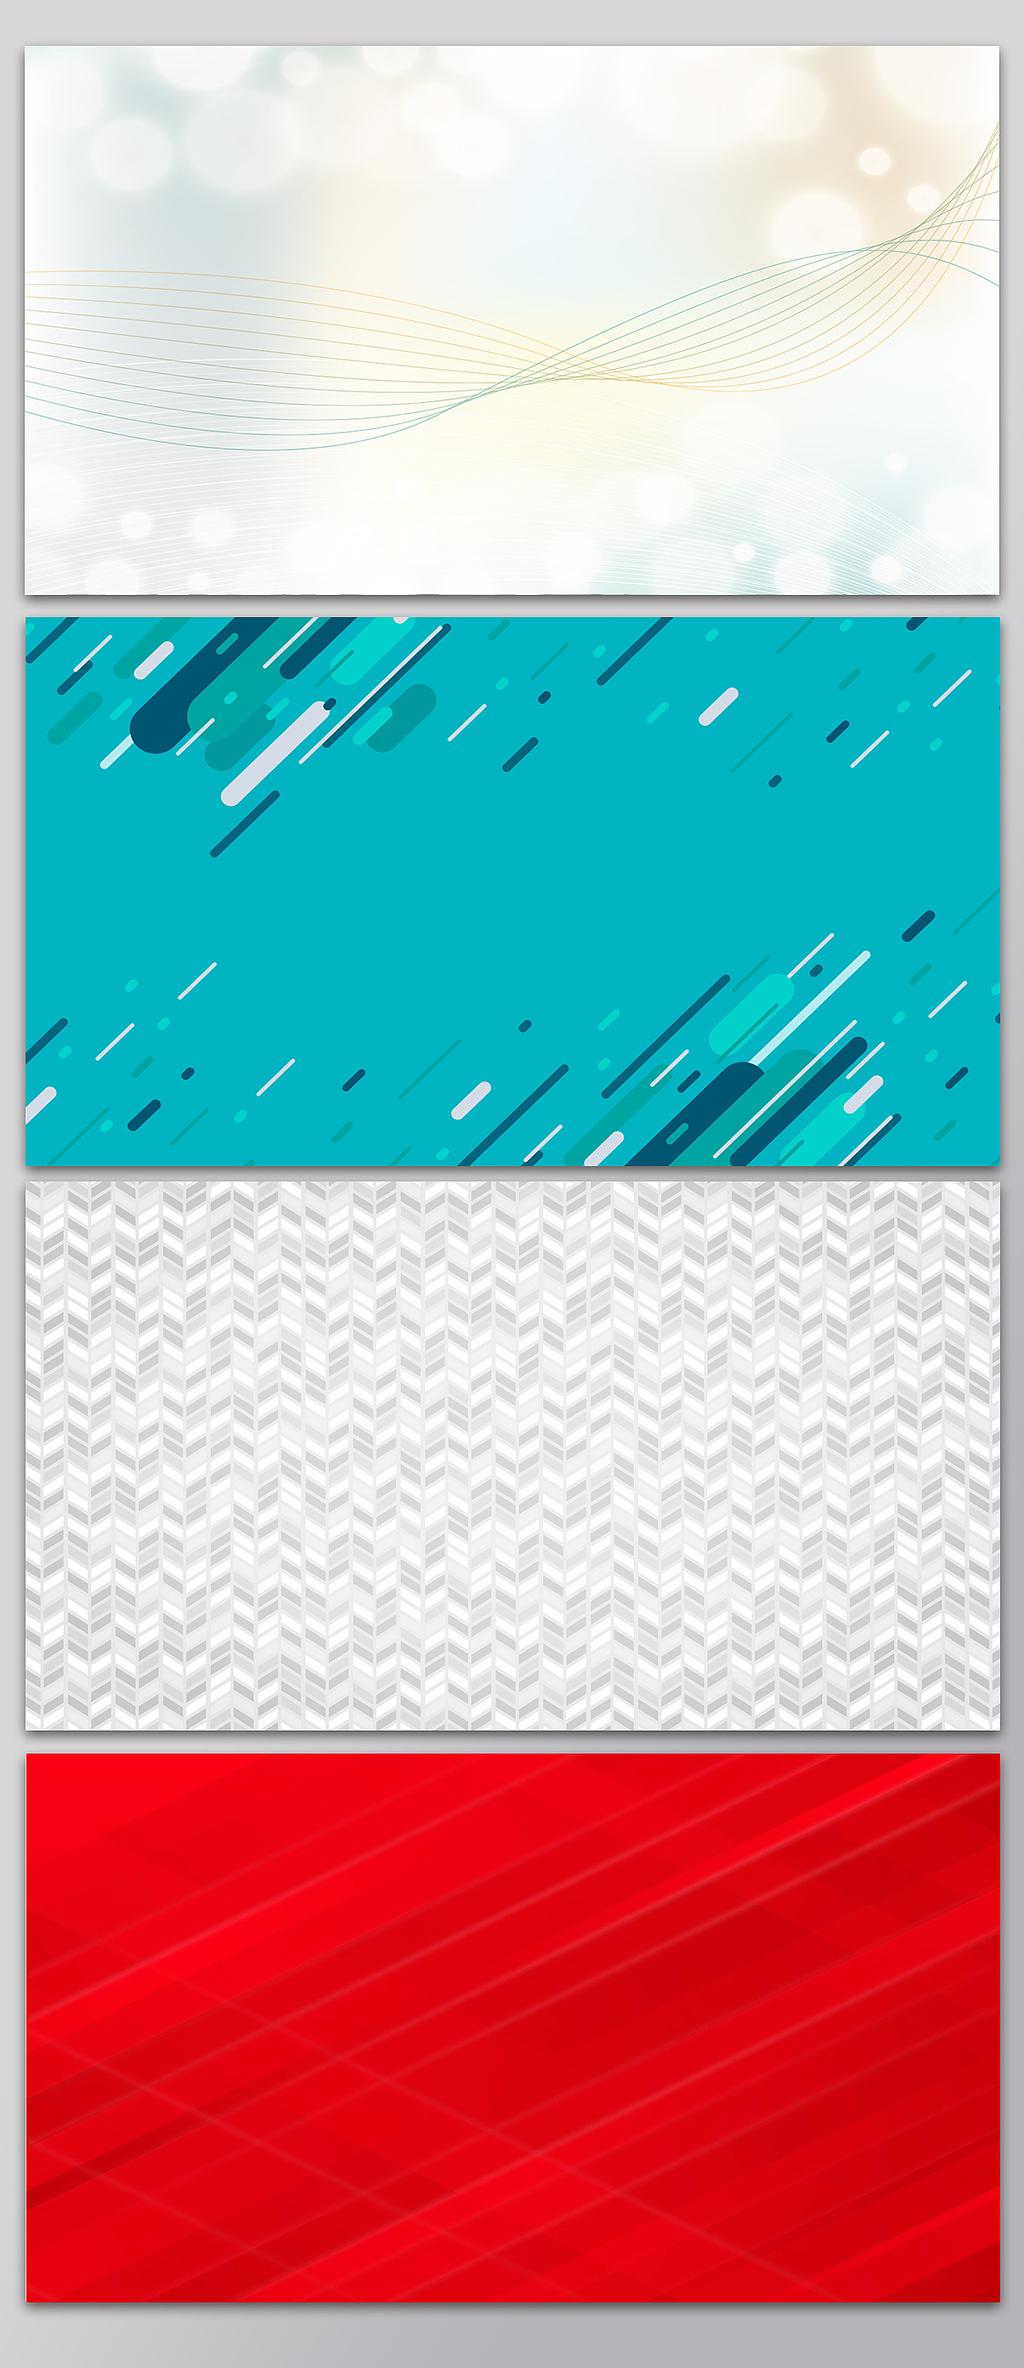 矢量背景设计素材下载图片_高清ai模板(3.45mb)zw0511